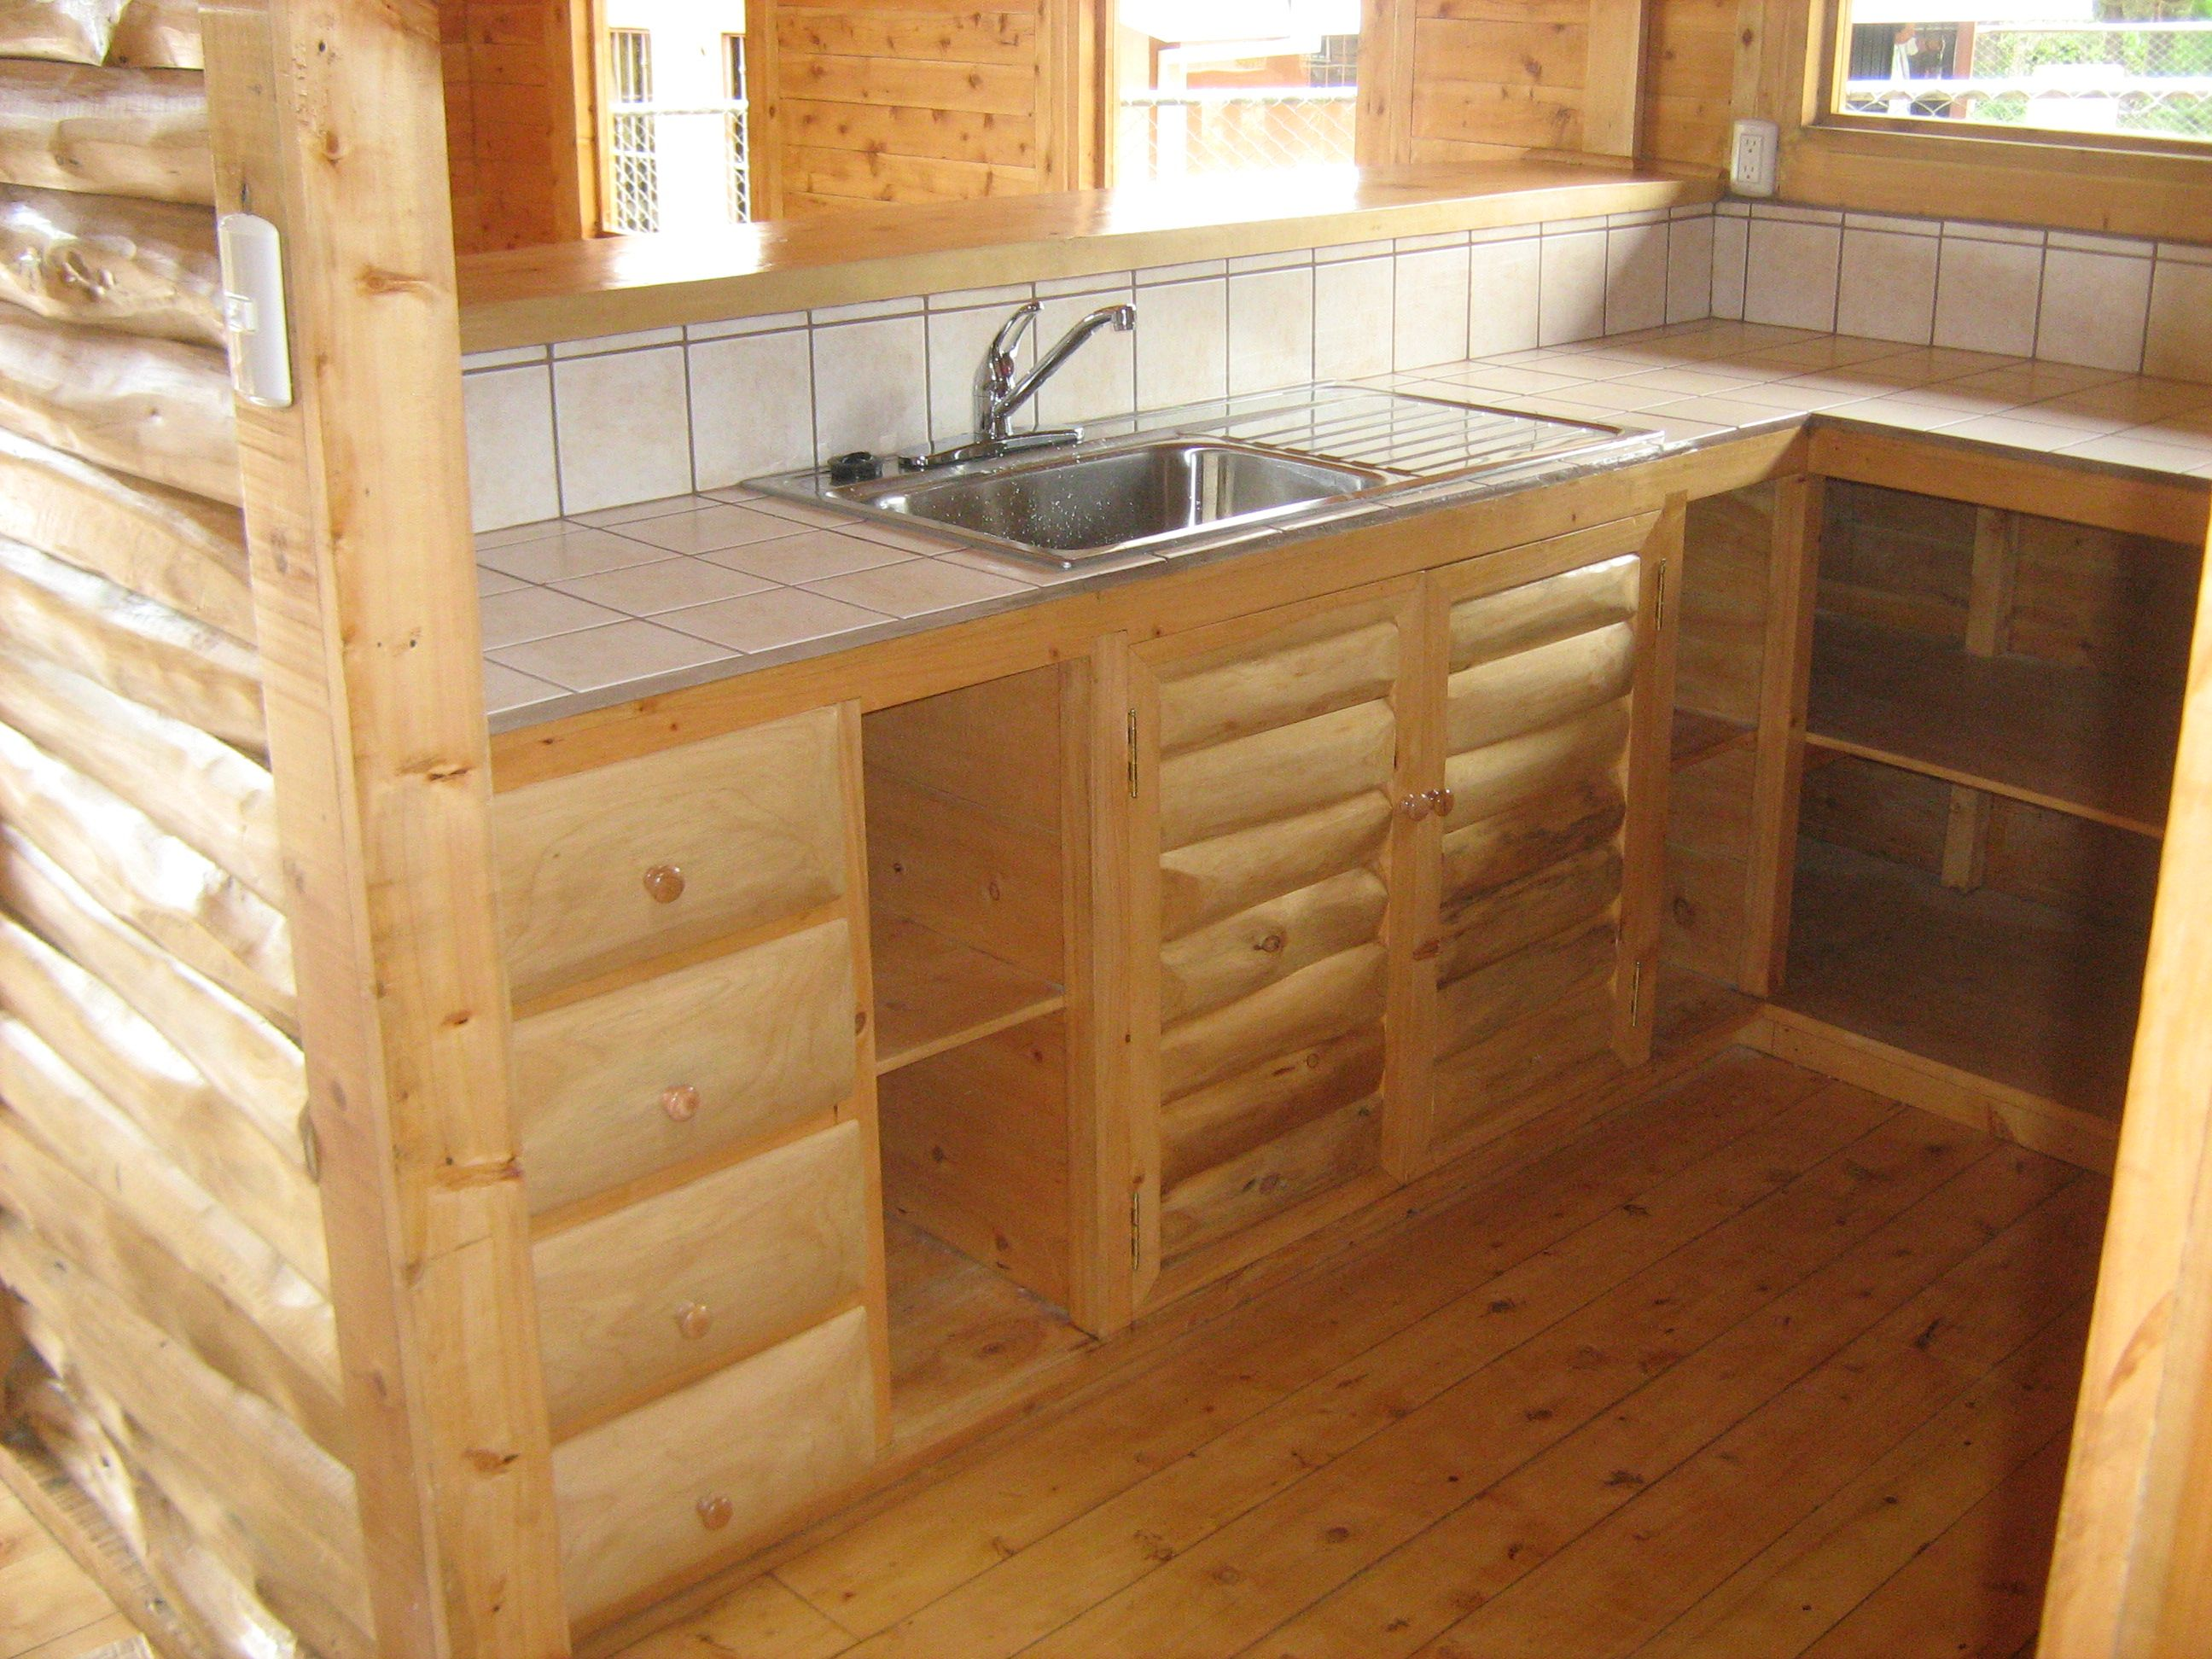 Construcci n caba a fh parte ii ecoarqsos - Azulejos rusticos para cocinas ...